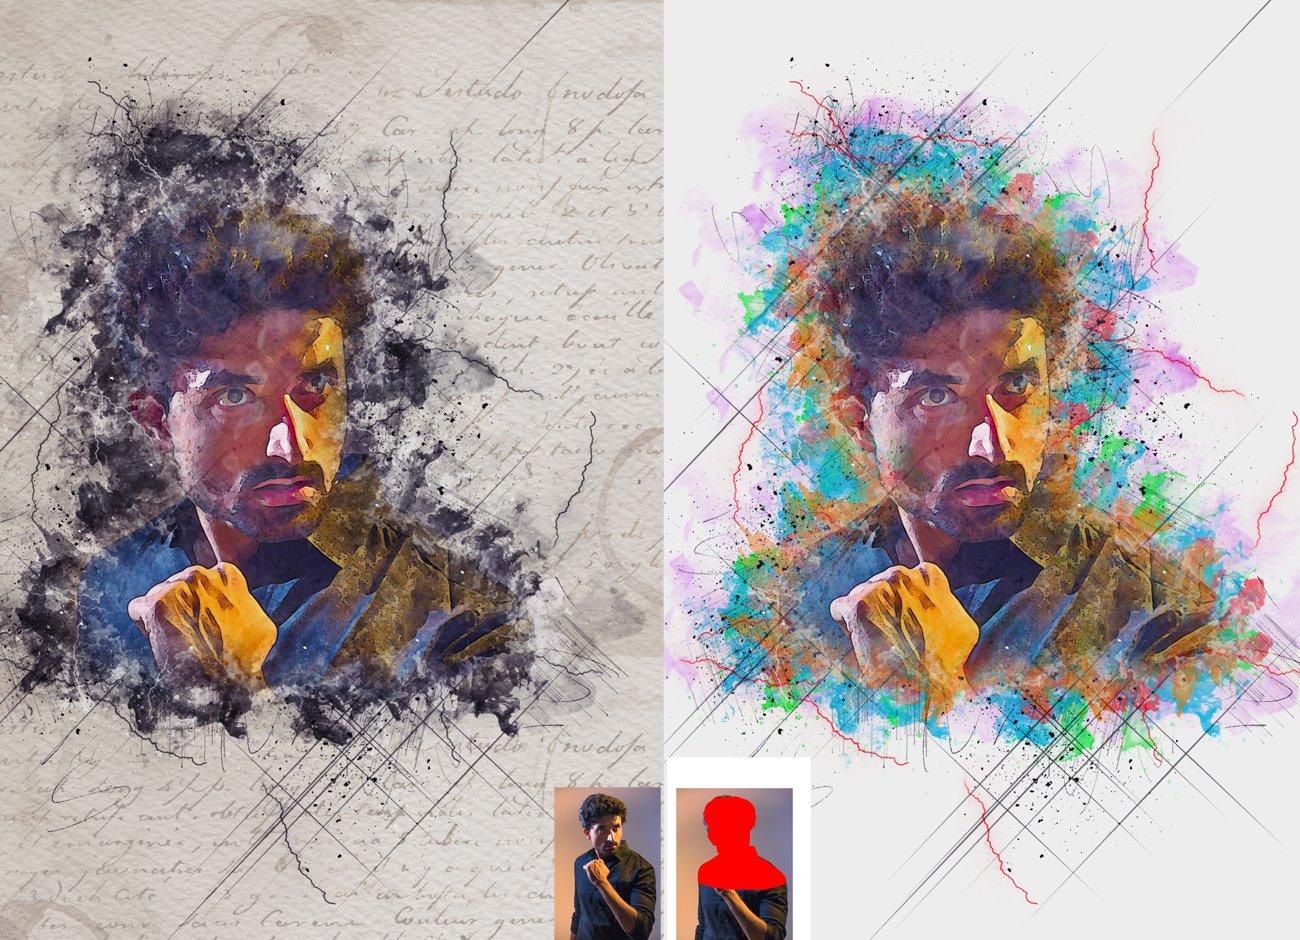 逼真水彩混合艺术效果照片处理滤镜PS动作模板 Mixed Media Art Photoshop Action插图1